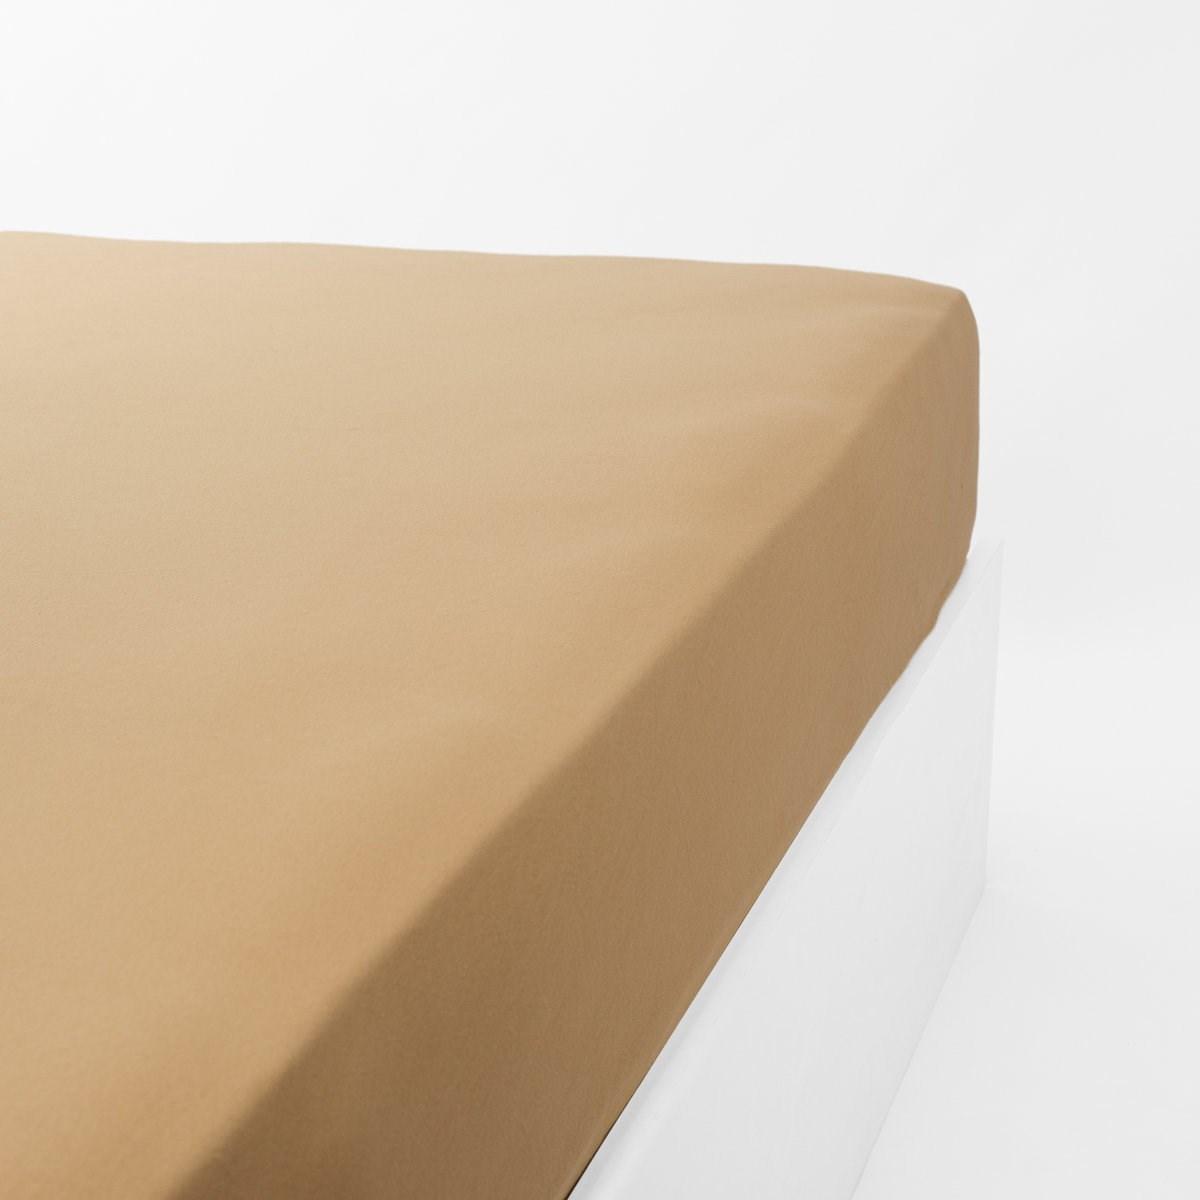 Drap housse jersey extensible en coton caramel 120x190 cm